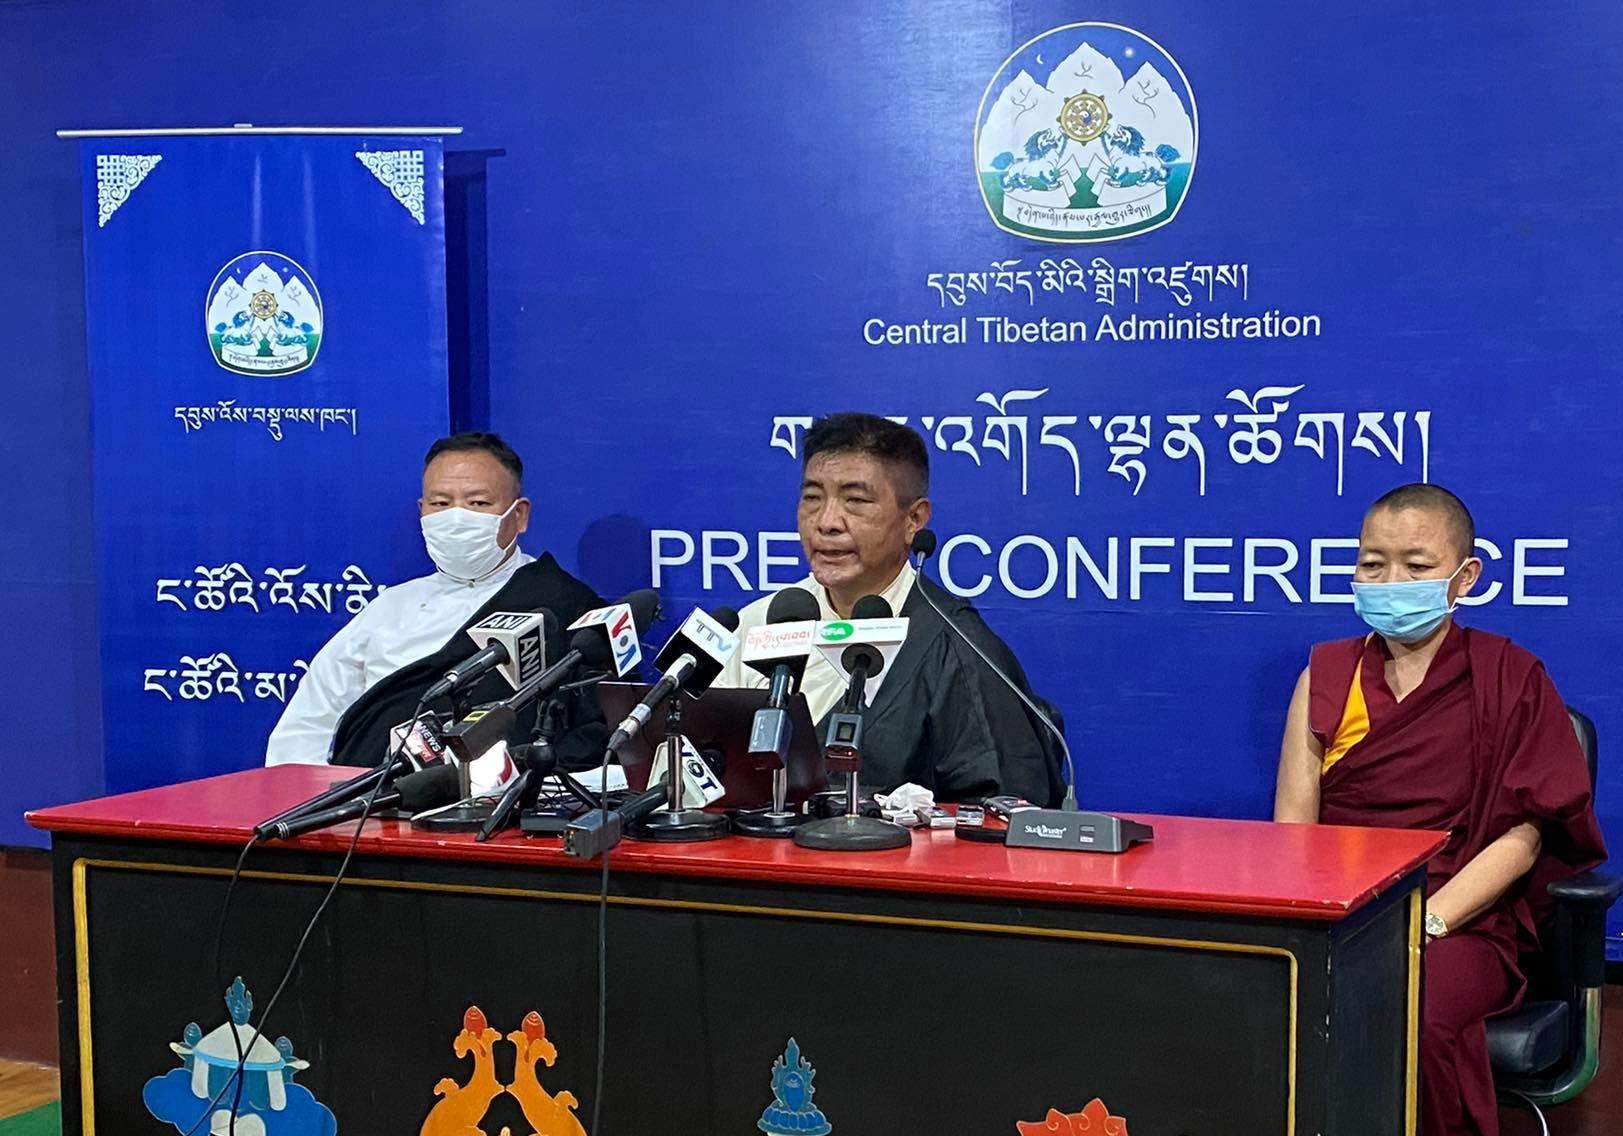 藏人行政中央选举事务署宣布流亡藏人大选时程